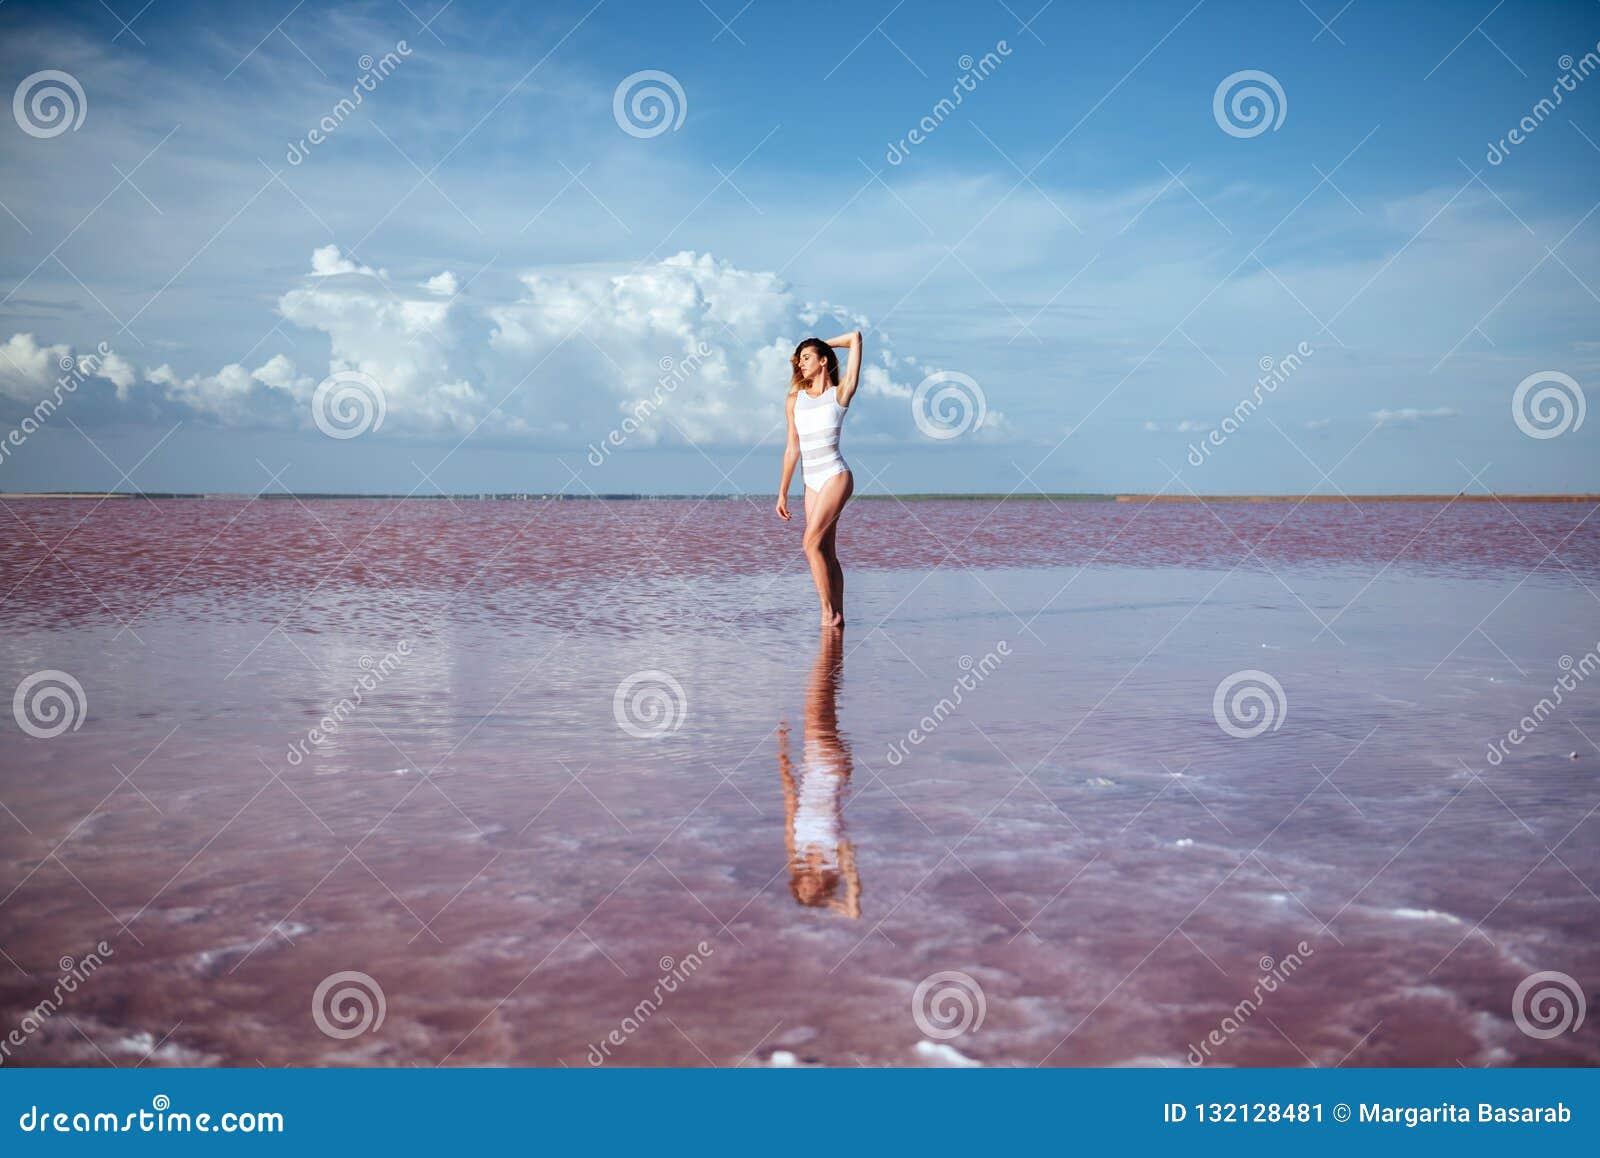 Κομψή γυναίκα που χορεύει στο νερό